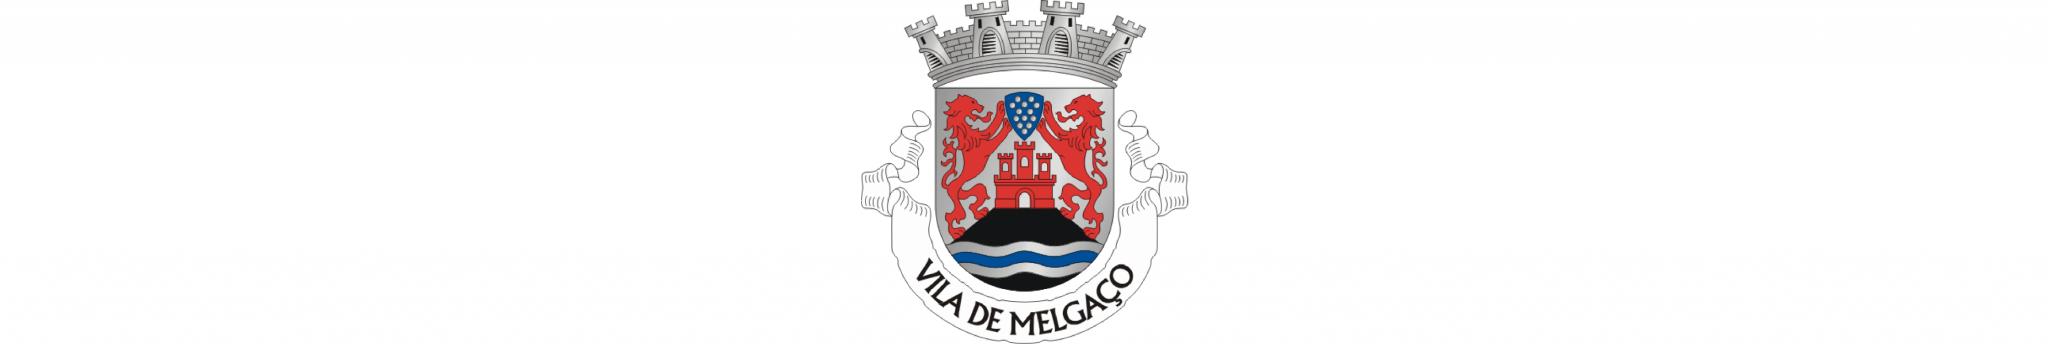 brasao-melgaco-3773725743-01